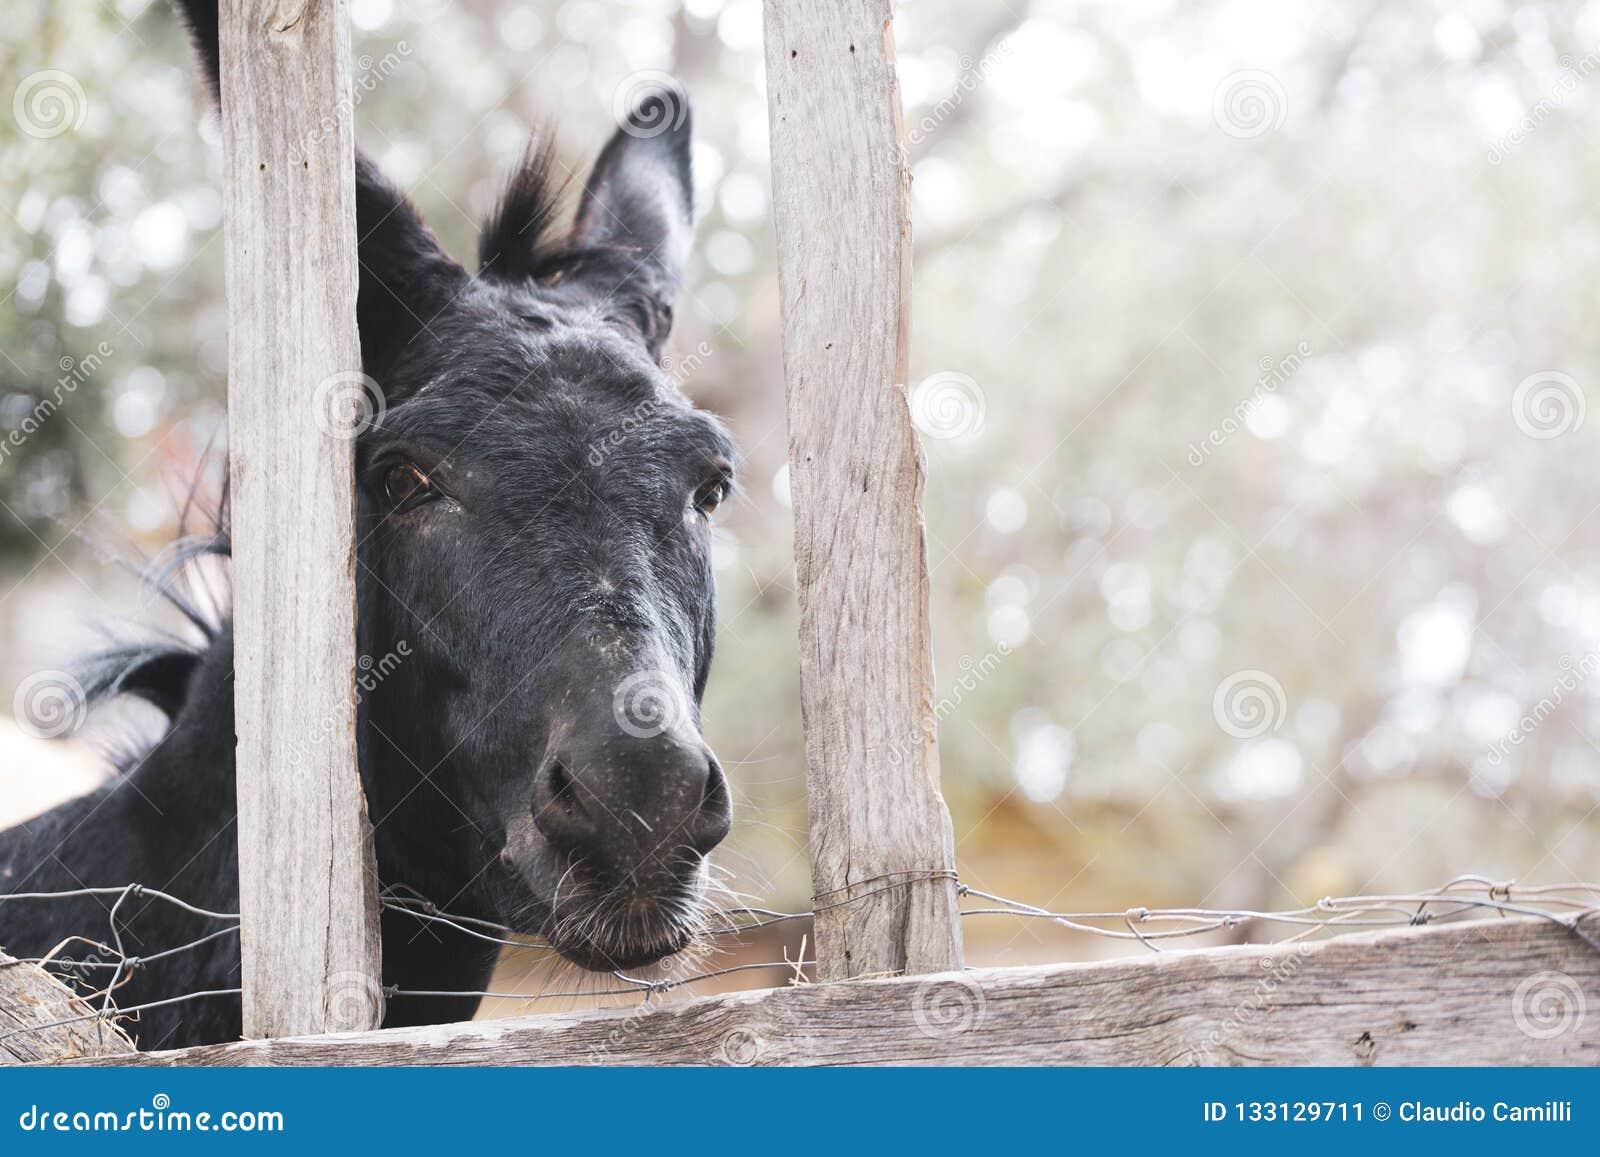 Burro negro detrás de una cerca